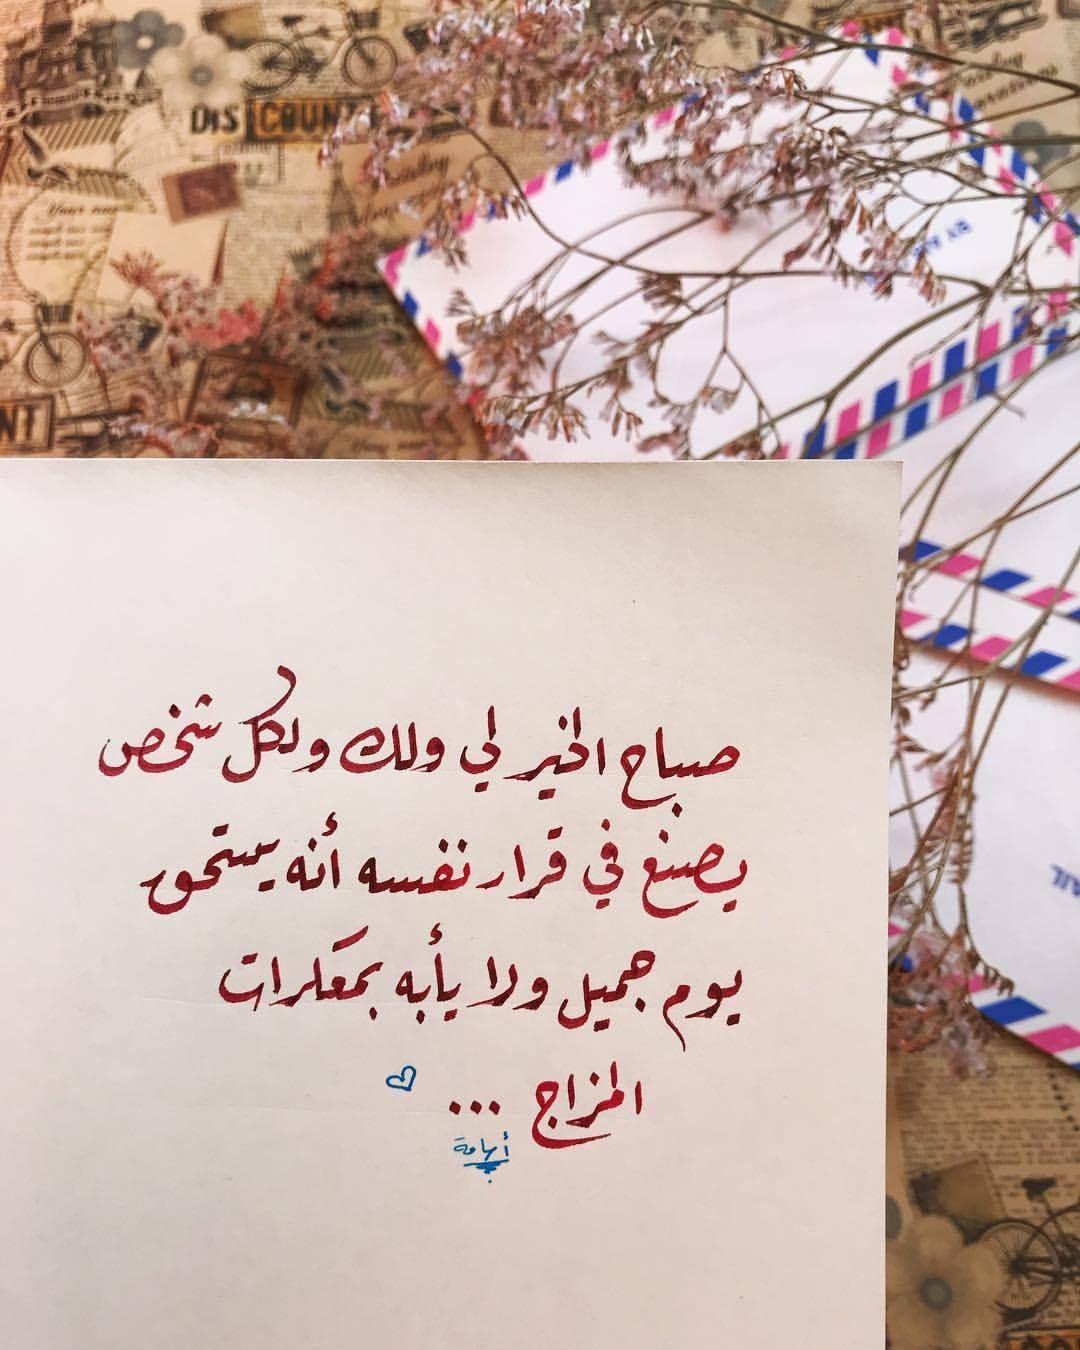 صباح الخير Love Quotes Wallpaper Morning Love Quotes Morning Quotes Images